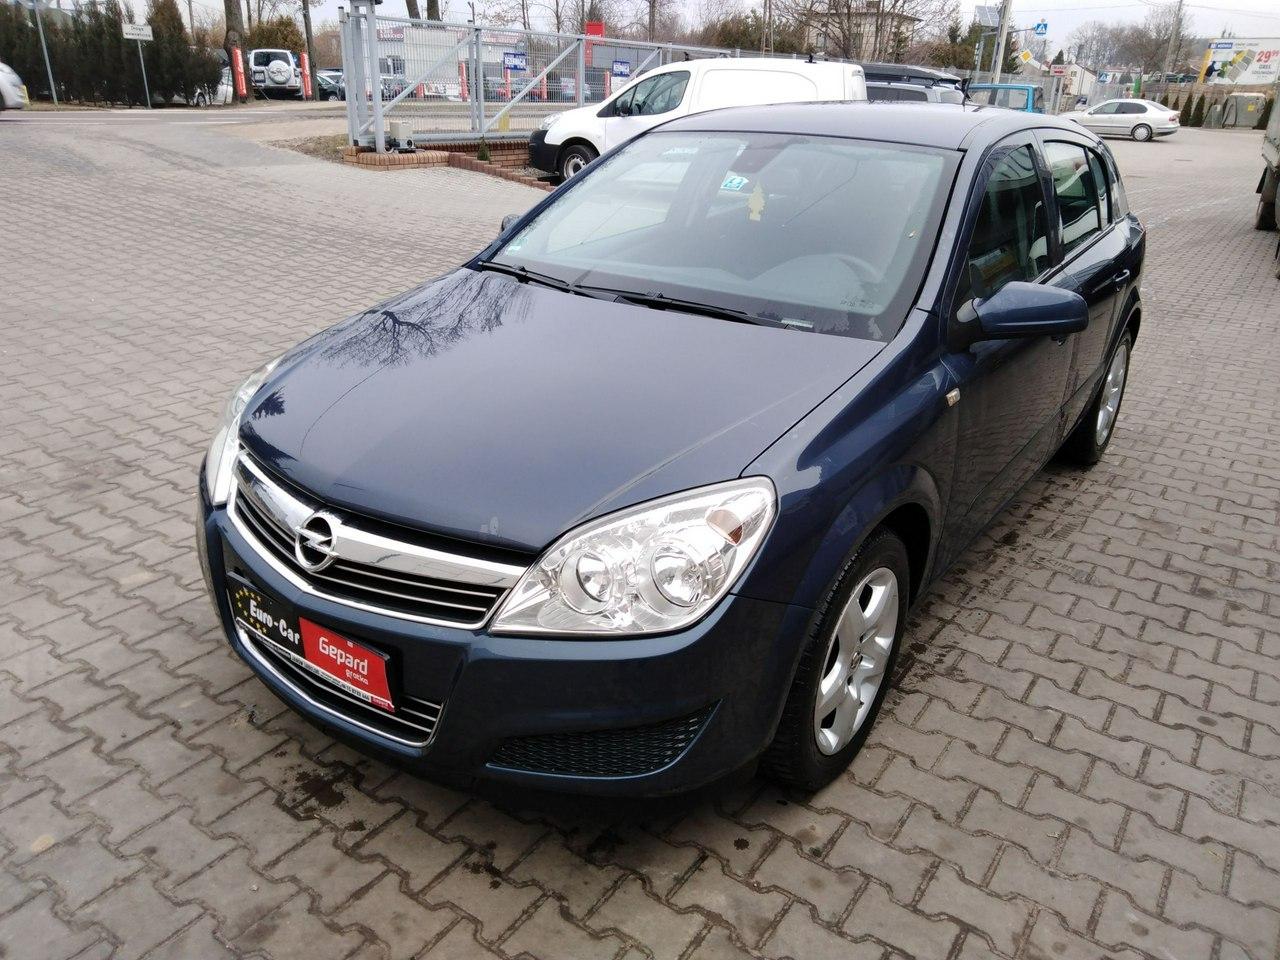 Opel Astra III Hatchback 5-osobowy - Wypożyczalnia Euro Car Janów Lubelski, Wynajem